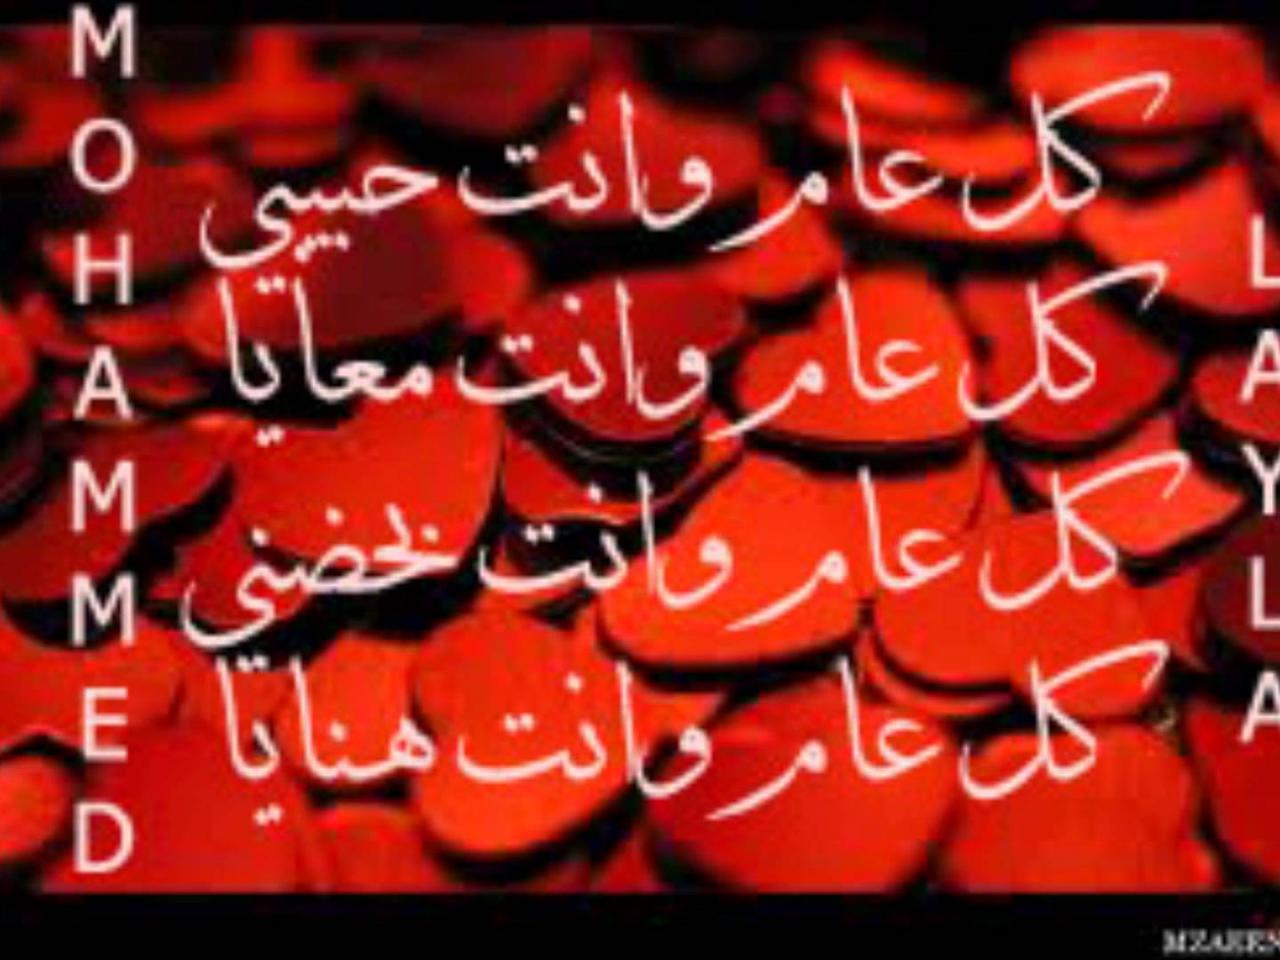 صورة احلى صور محمد , صورة مكتوب عليها اسم محمد 664 9